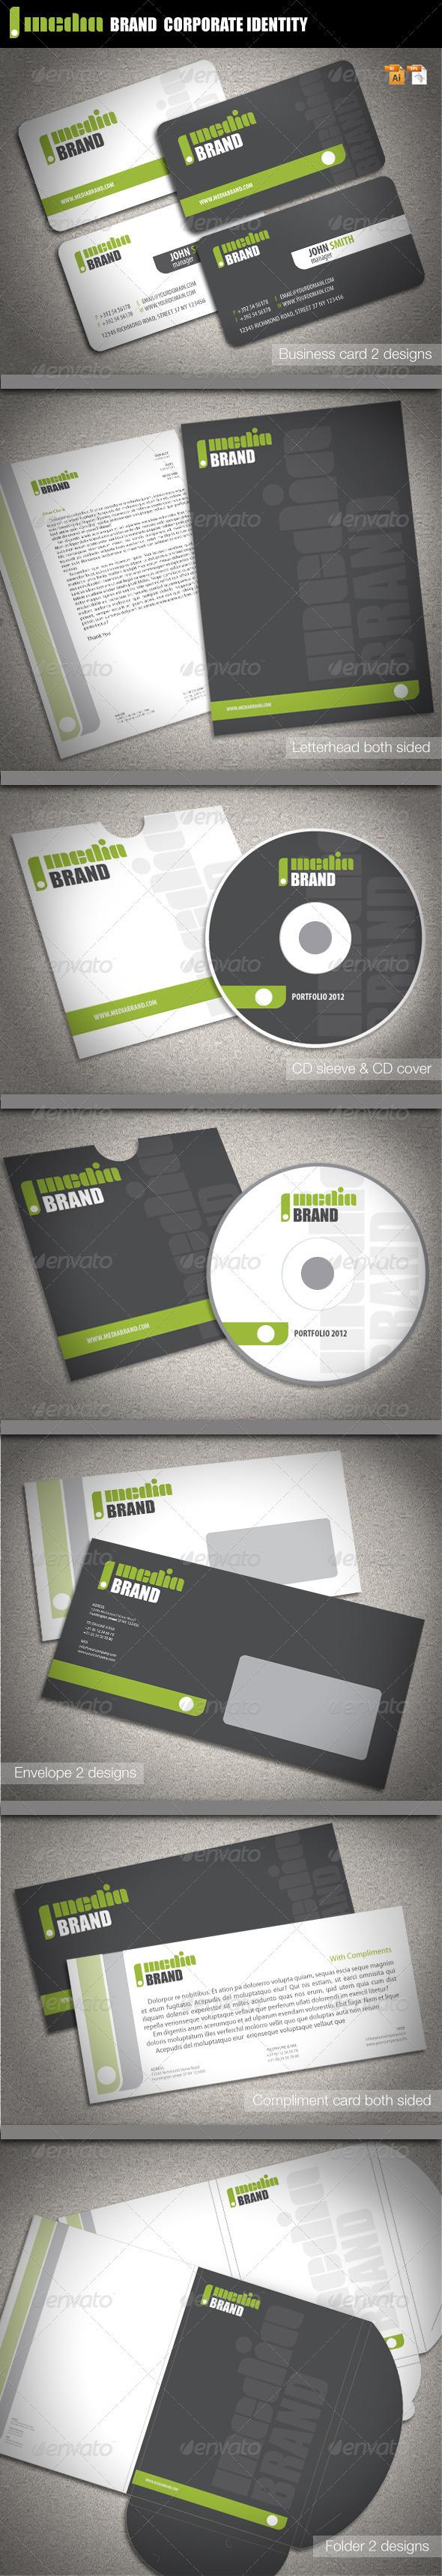 GraphicRiver Media Brand Corporate Identity 2228566